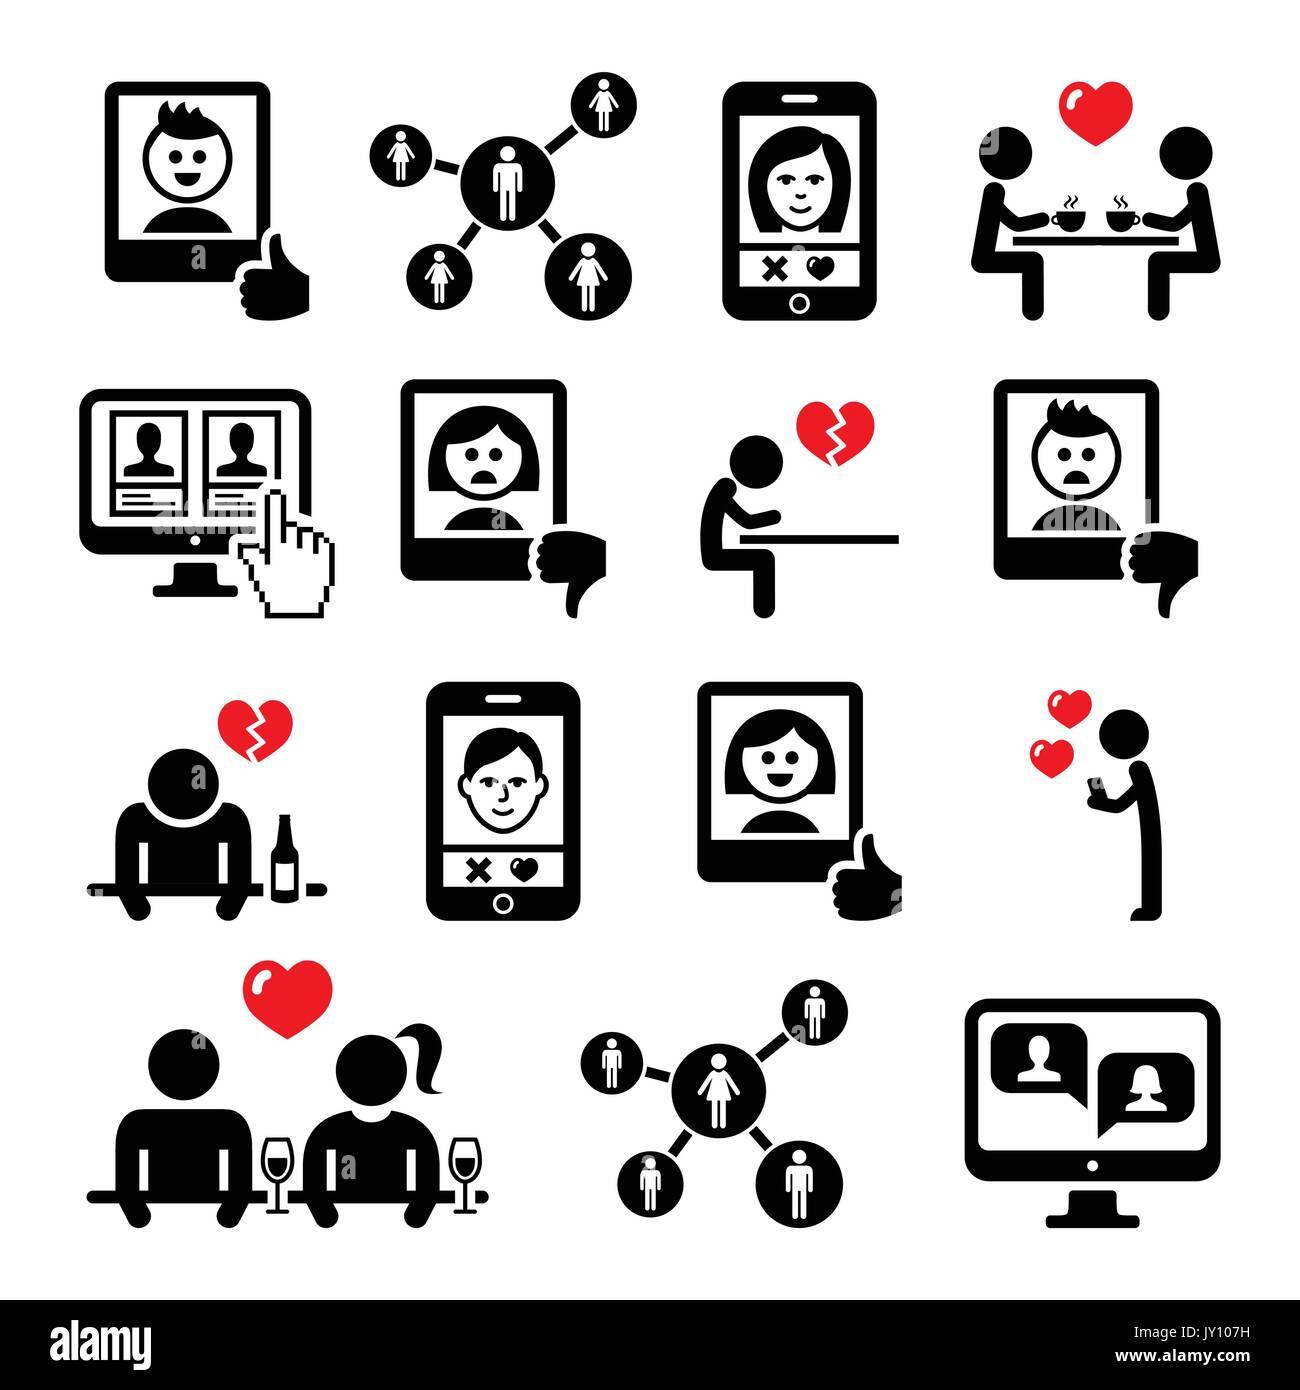 Come ottenere una data attraverso dating online